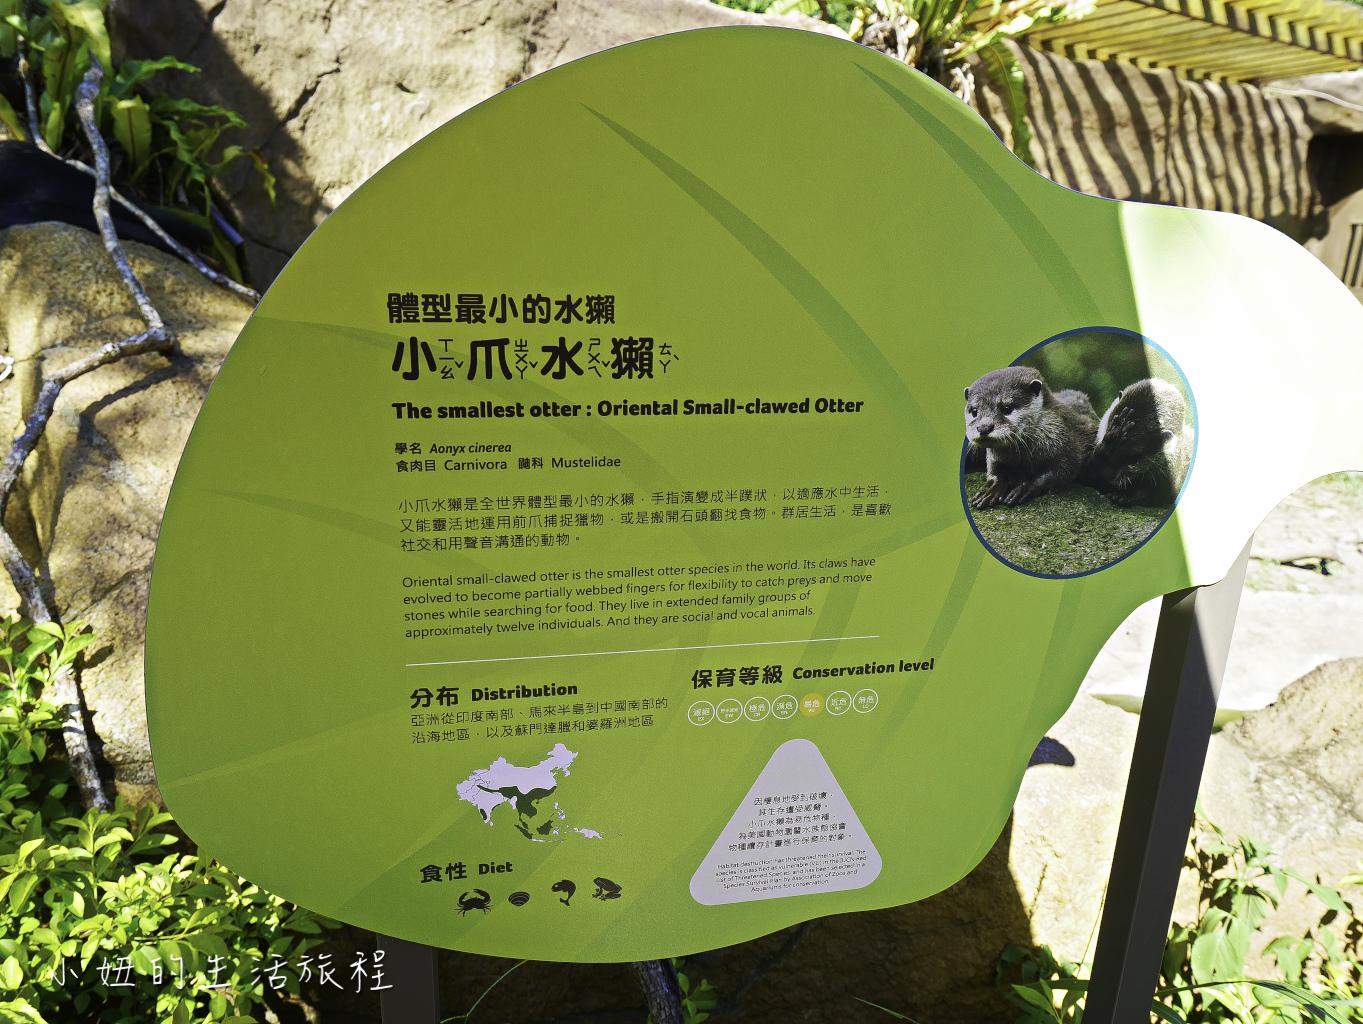 木柵動物園,穿山甲館,熱帶雨林館,2019-72.jpg